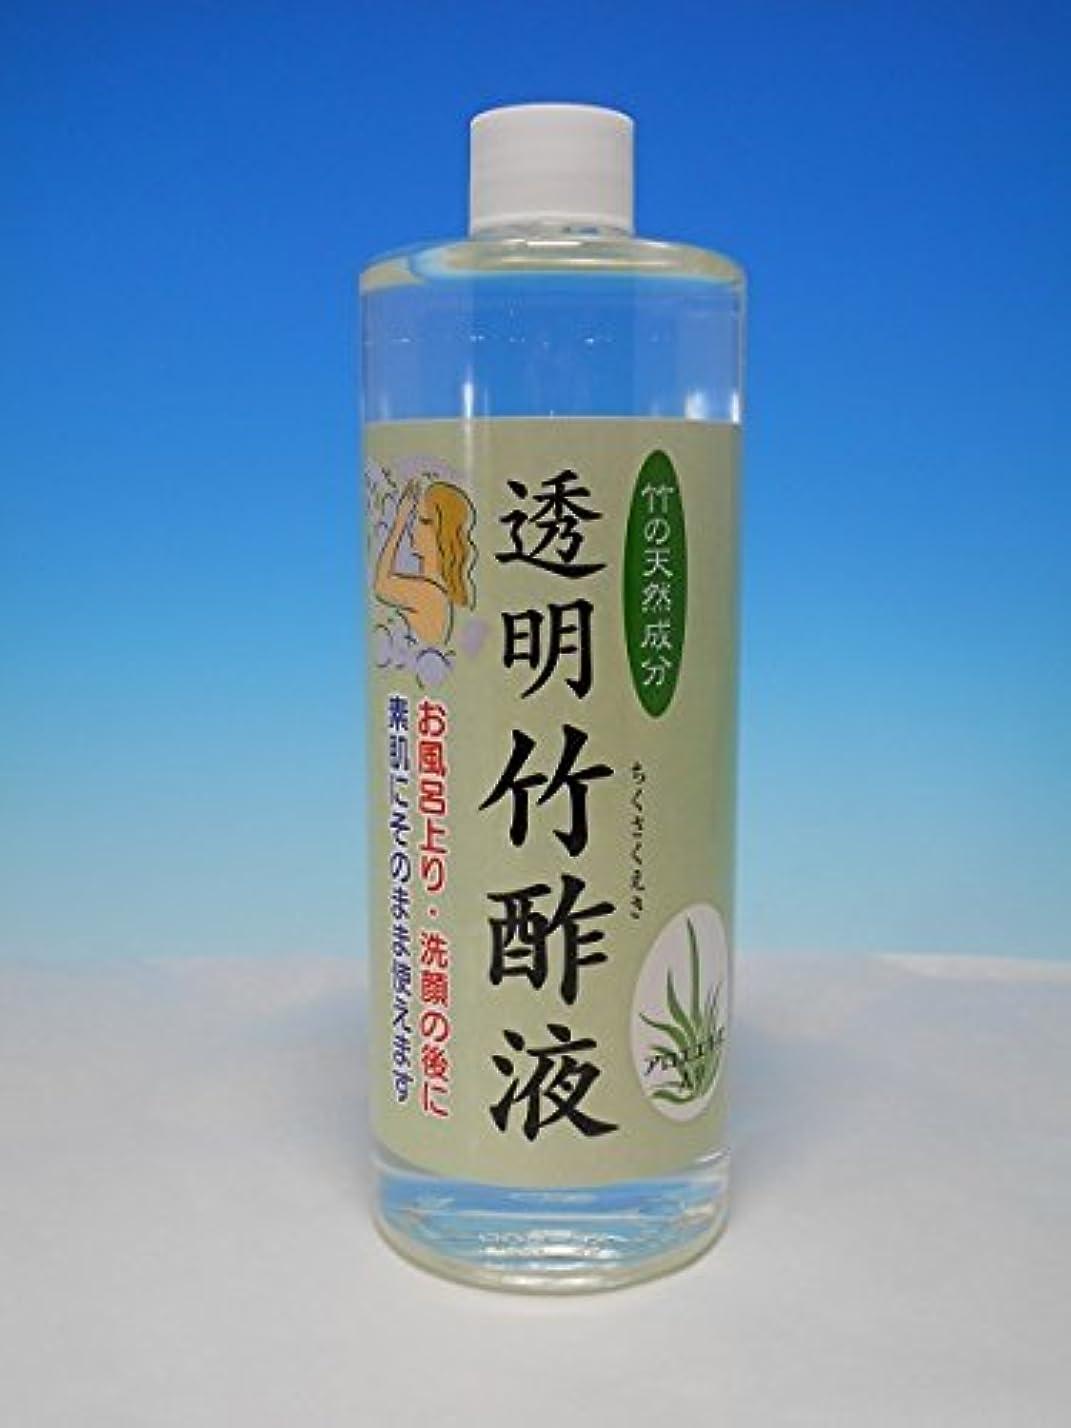 パールギャラリー実験透明竹酢液 500ml 素肌に使える化粧水タイプの竹酢液